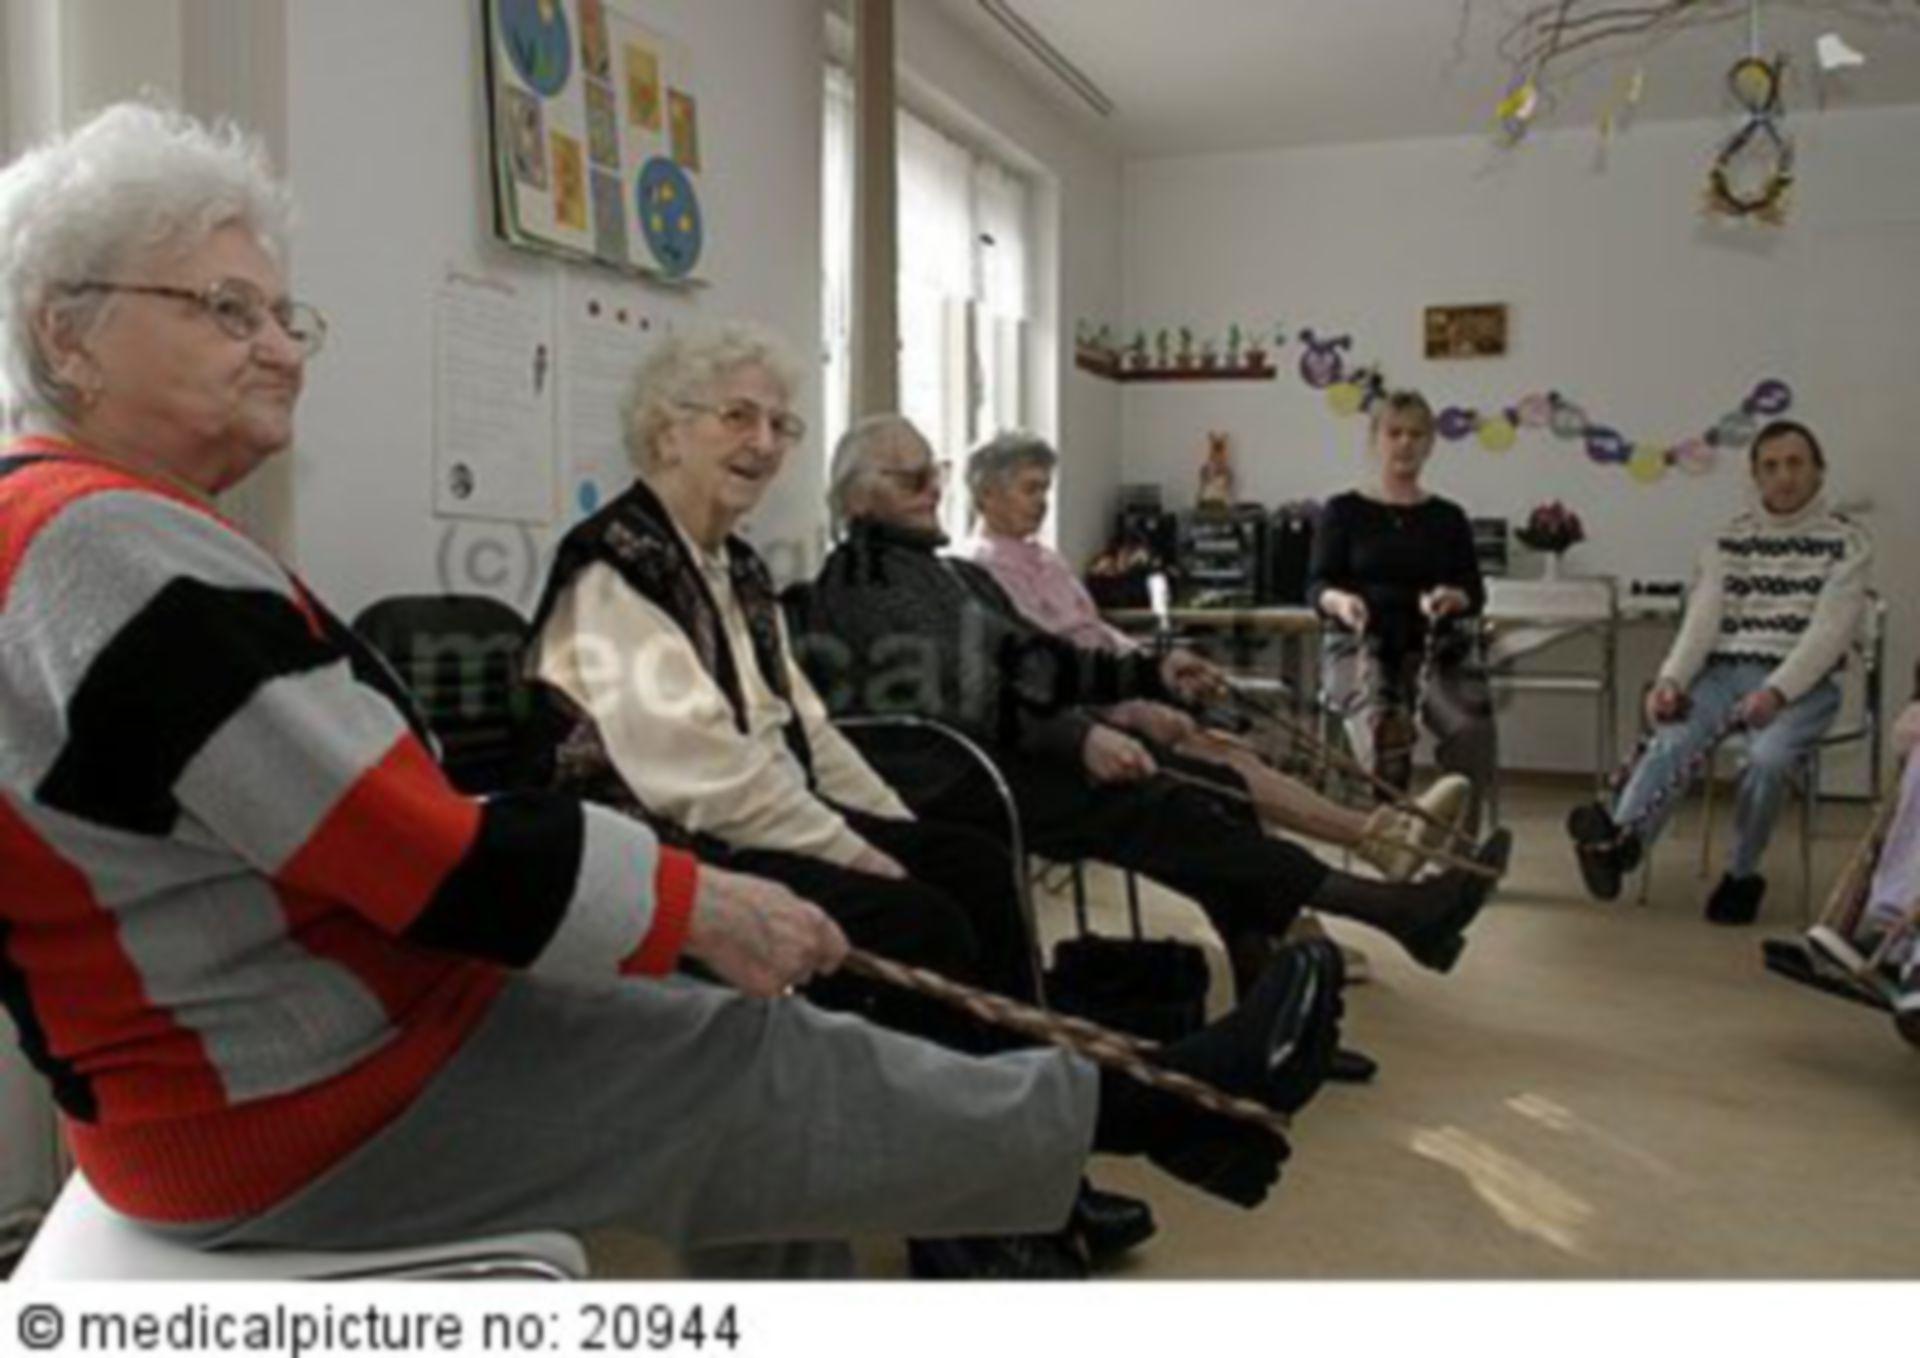 Altenpflege, elderly care